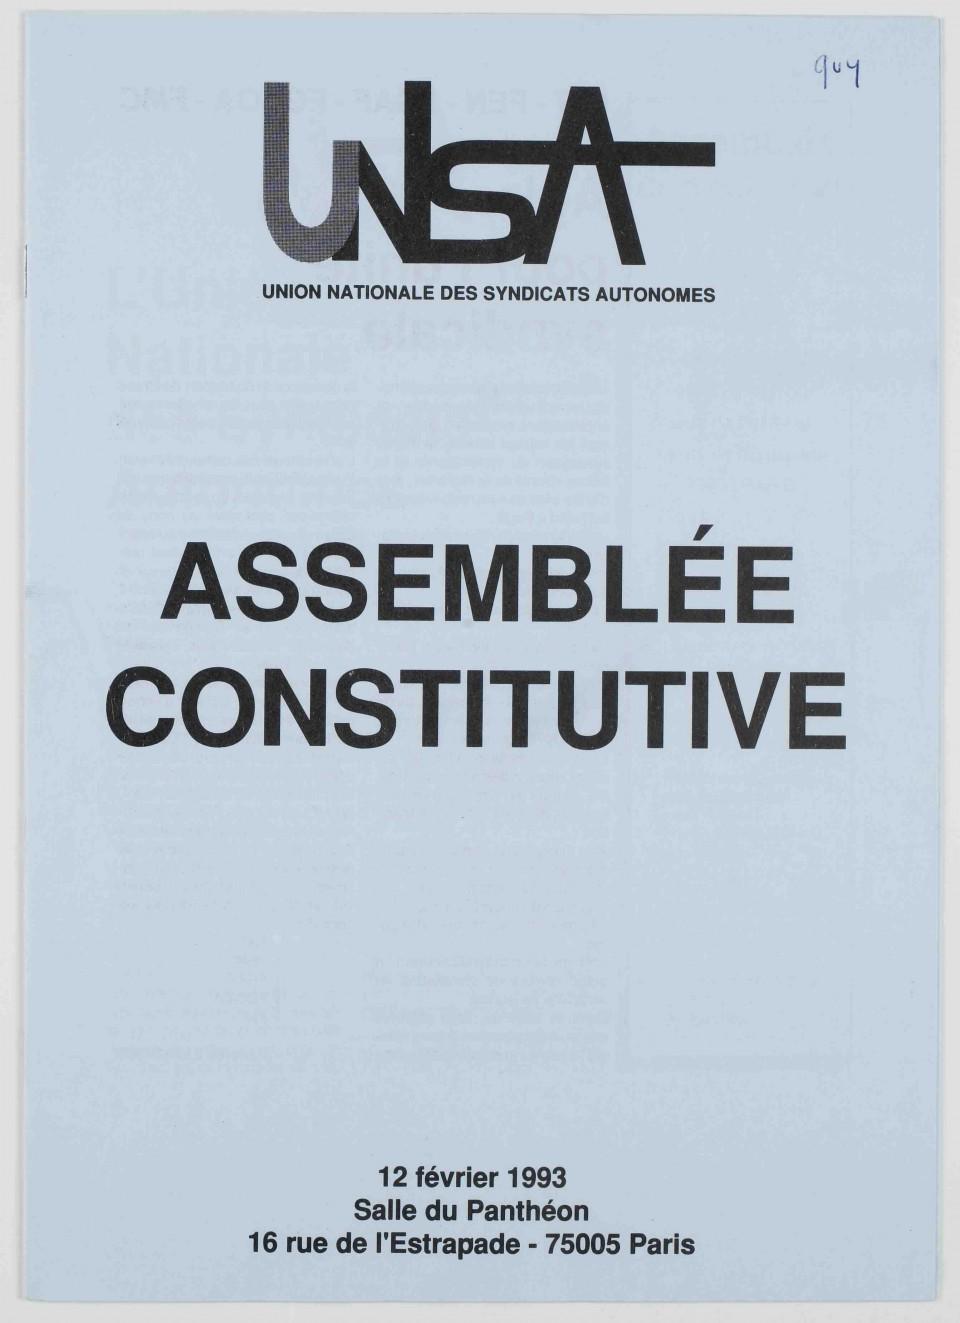 Assemblée générale constitutive de l'UNSA, 12 février 1993.